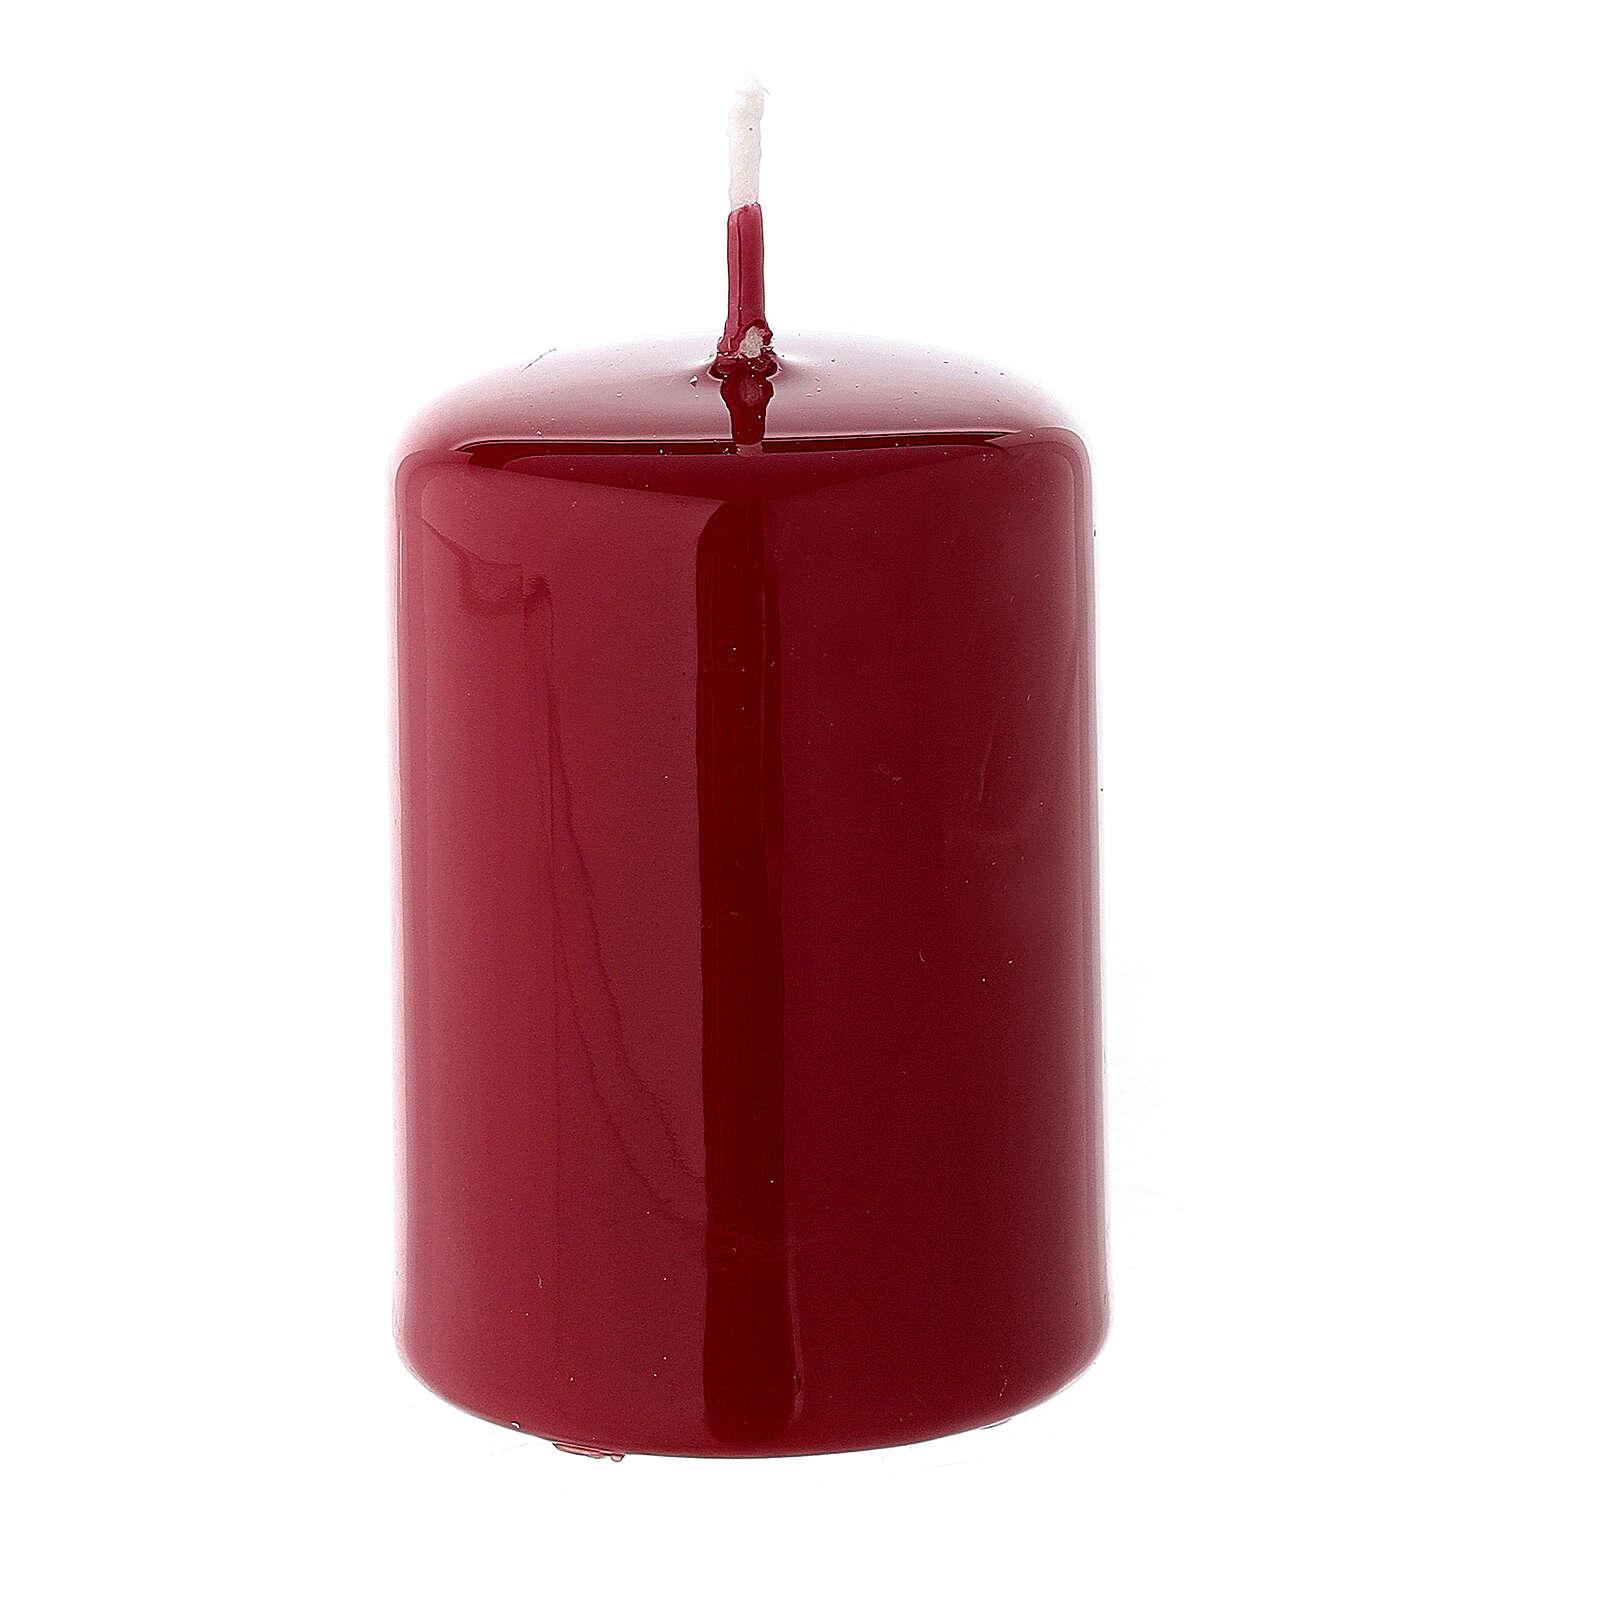 Bougie de Noël cylindre cire à cacheter rouge foncé 60x40 mm 3